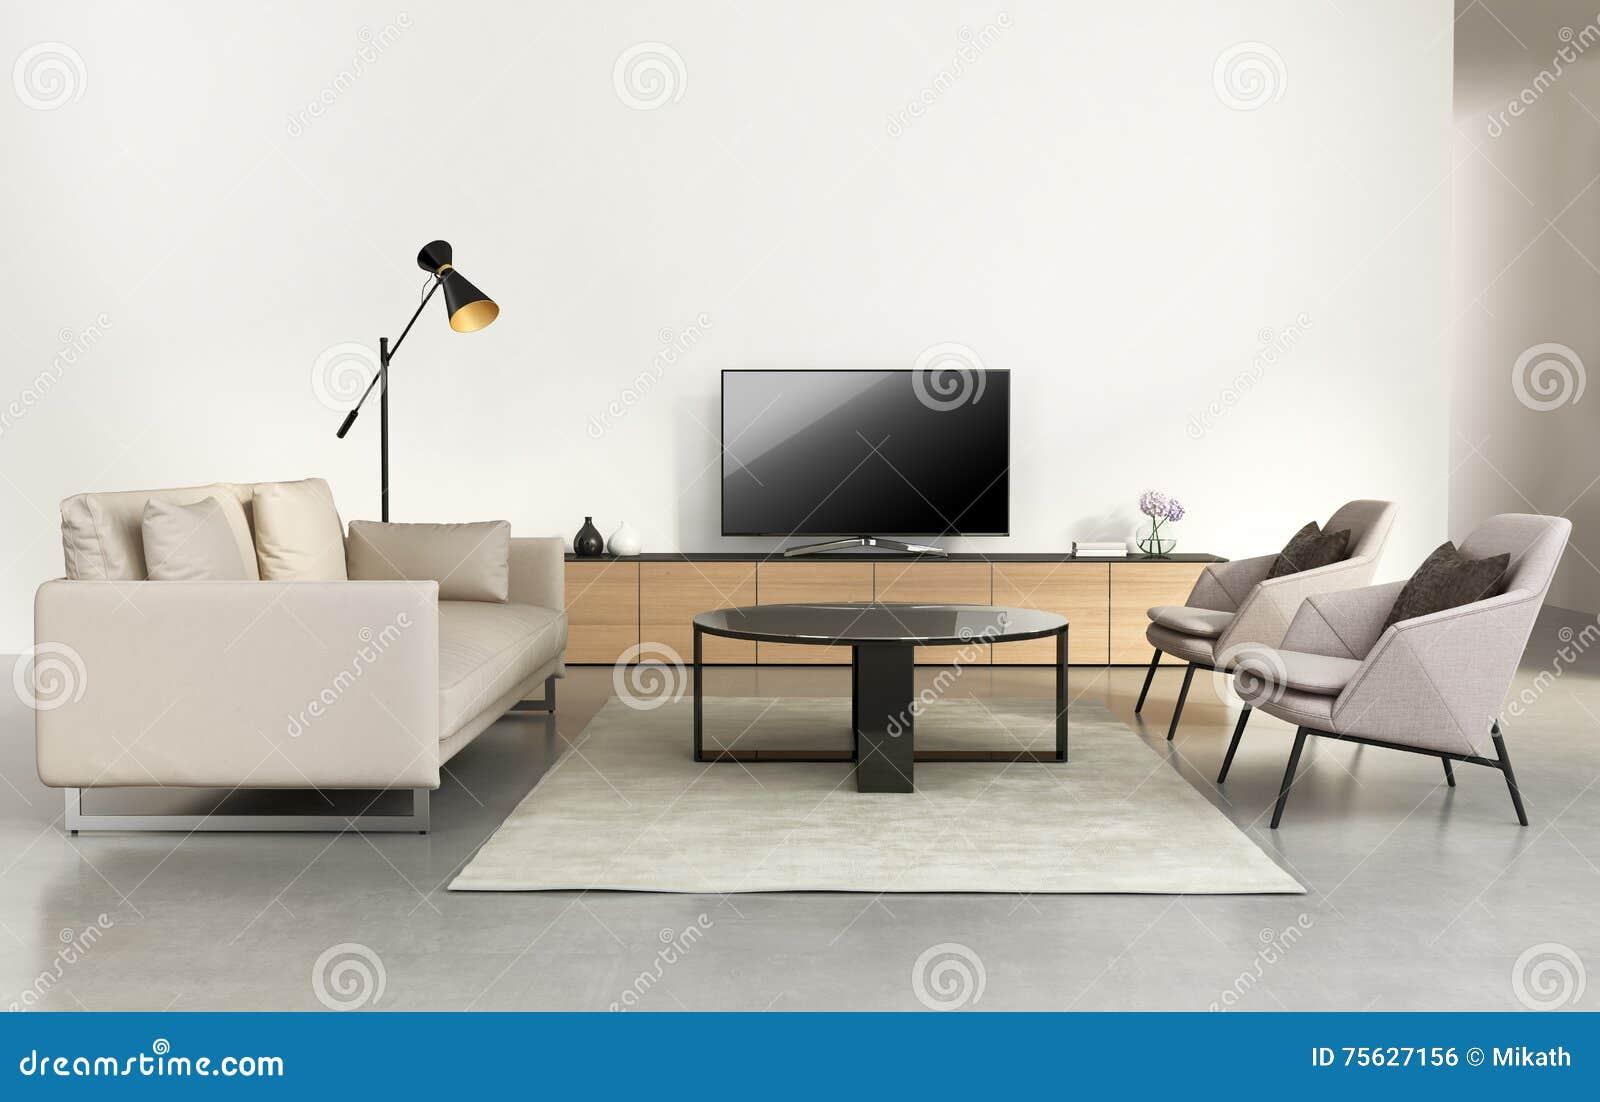 Salon moderne avec des meubles de mur de TV